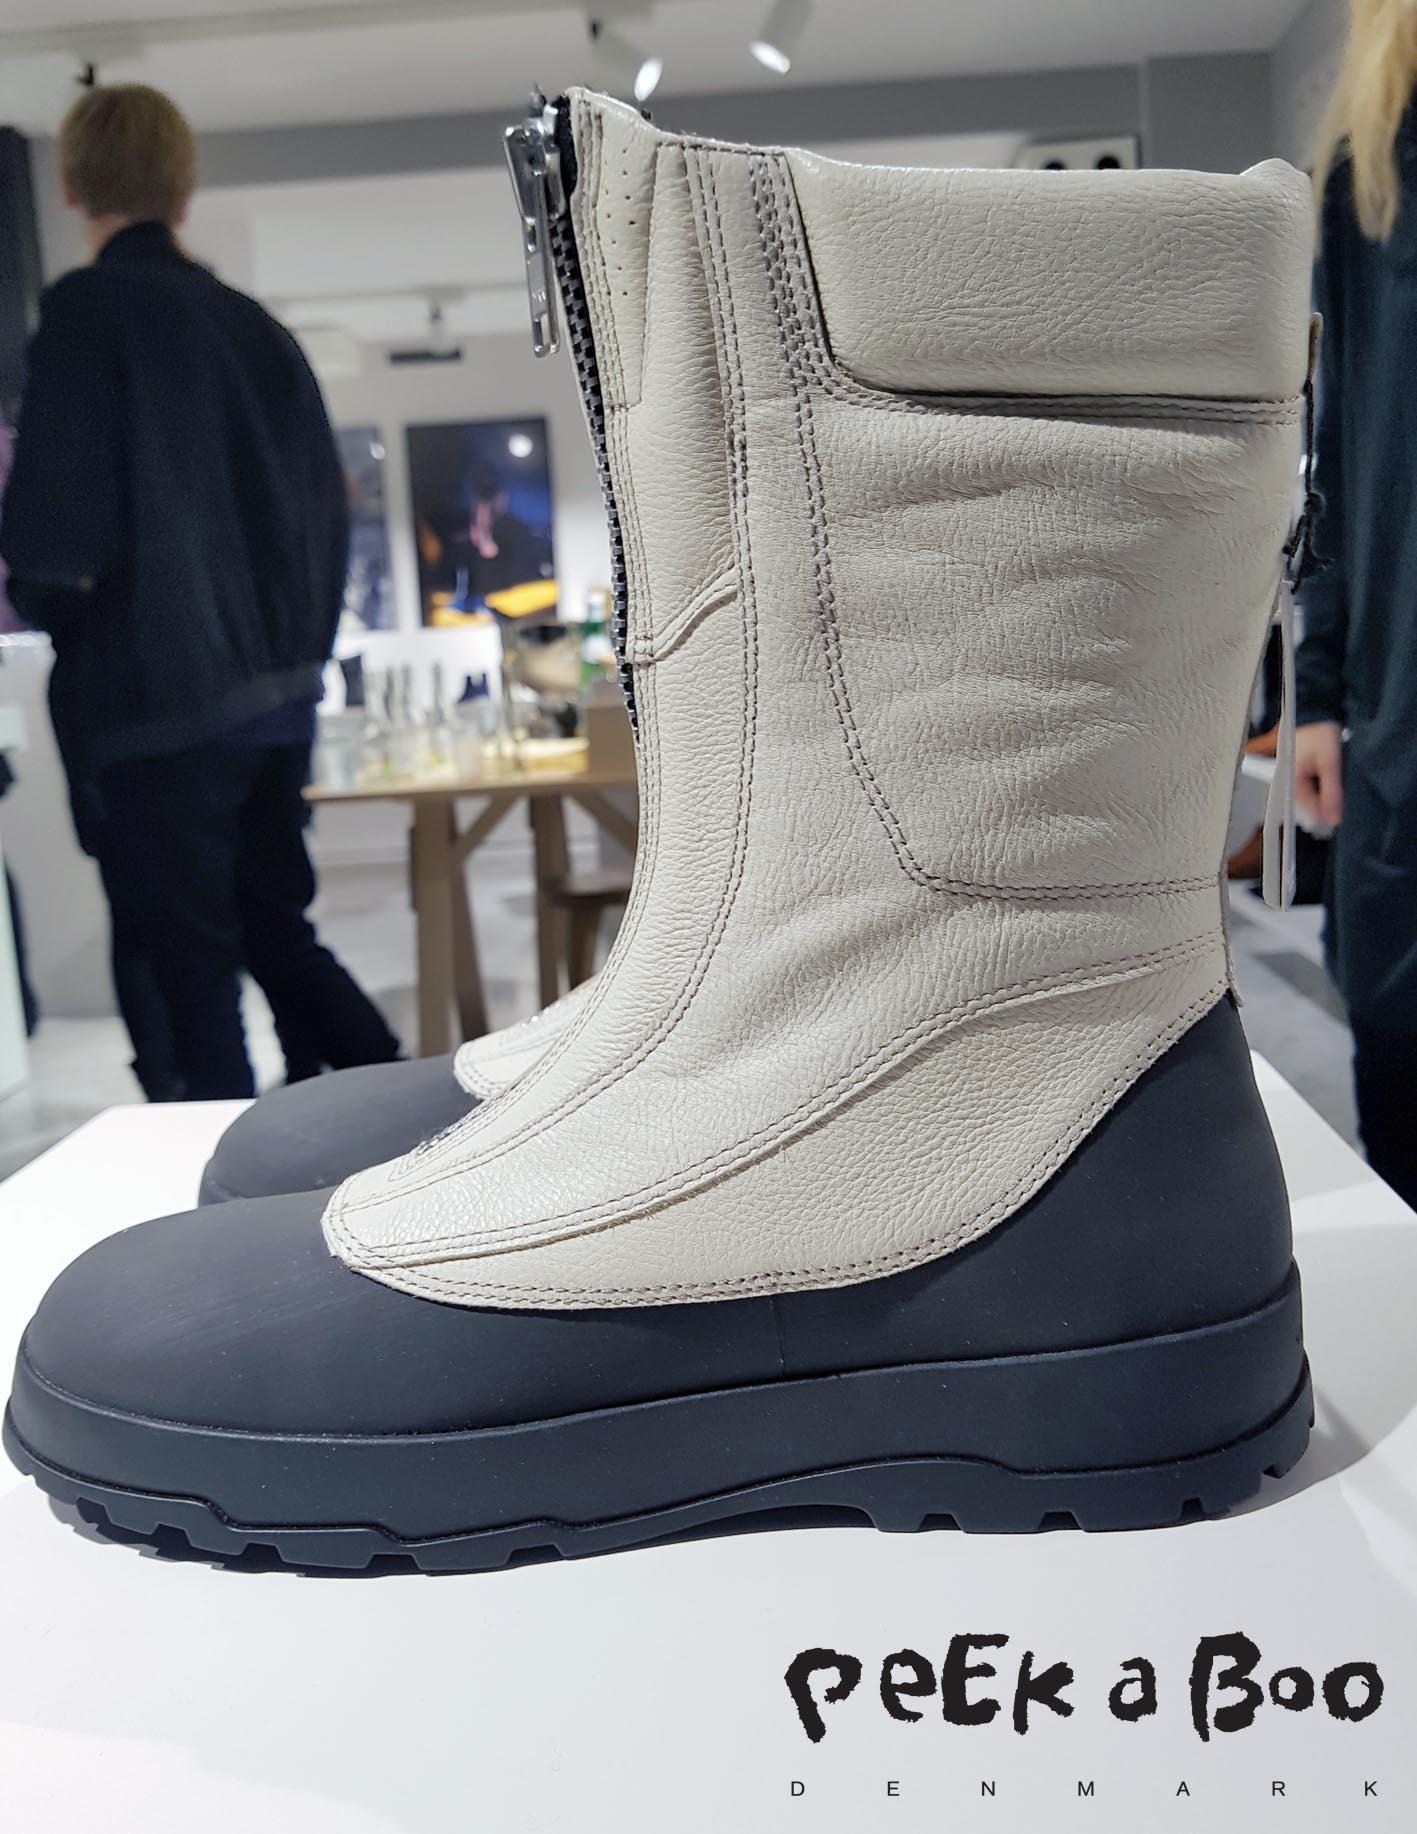 En af modellerne fra serien af The Urban Utility Boot. De findes også i sorte og med snøre i forskellige højder. De er lavet i vandskyende læder på en gummisål, så de kan klare det skandinaviske vejr.En af modellerne fra serien af The Urban Utility Boot. De findes også i sorte og med snøre i forskellige højder. De er lavet i vandskyende læder på en gummisål, så de kan klare det skandinaviske vejr.